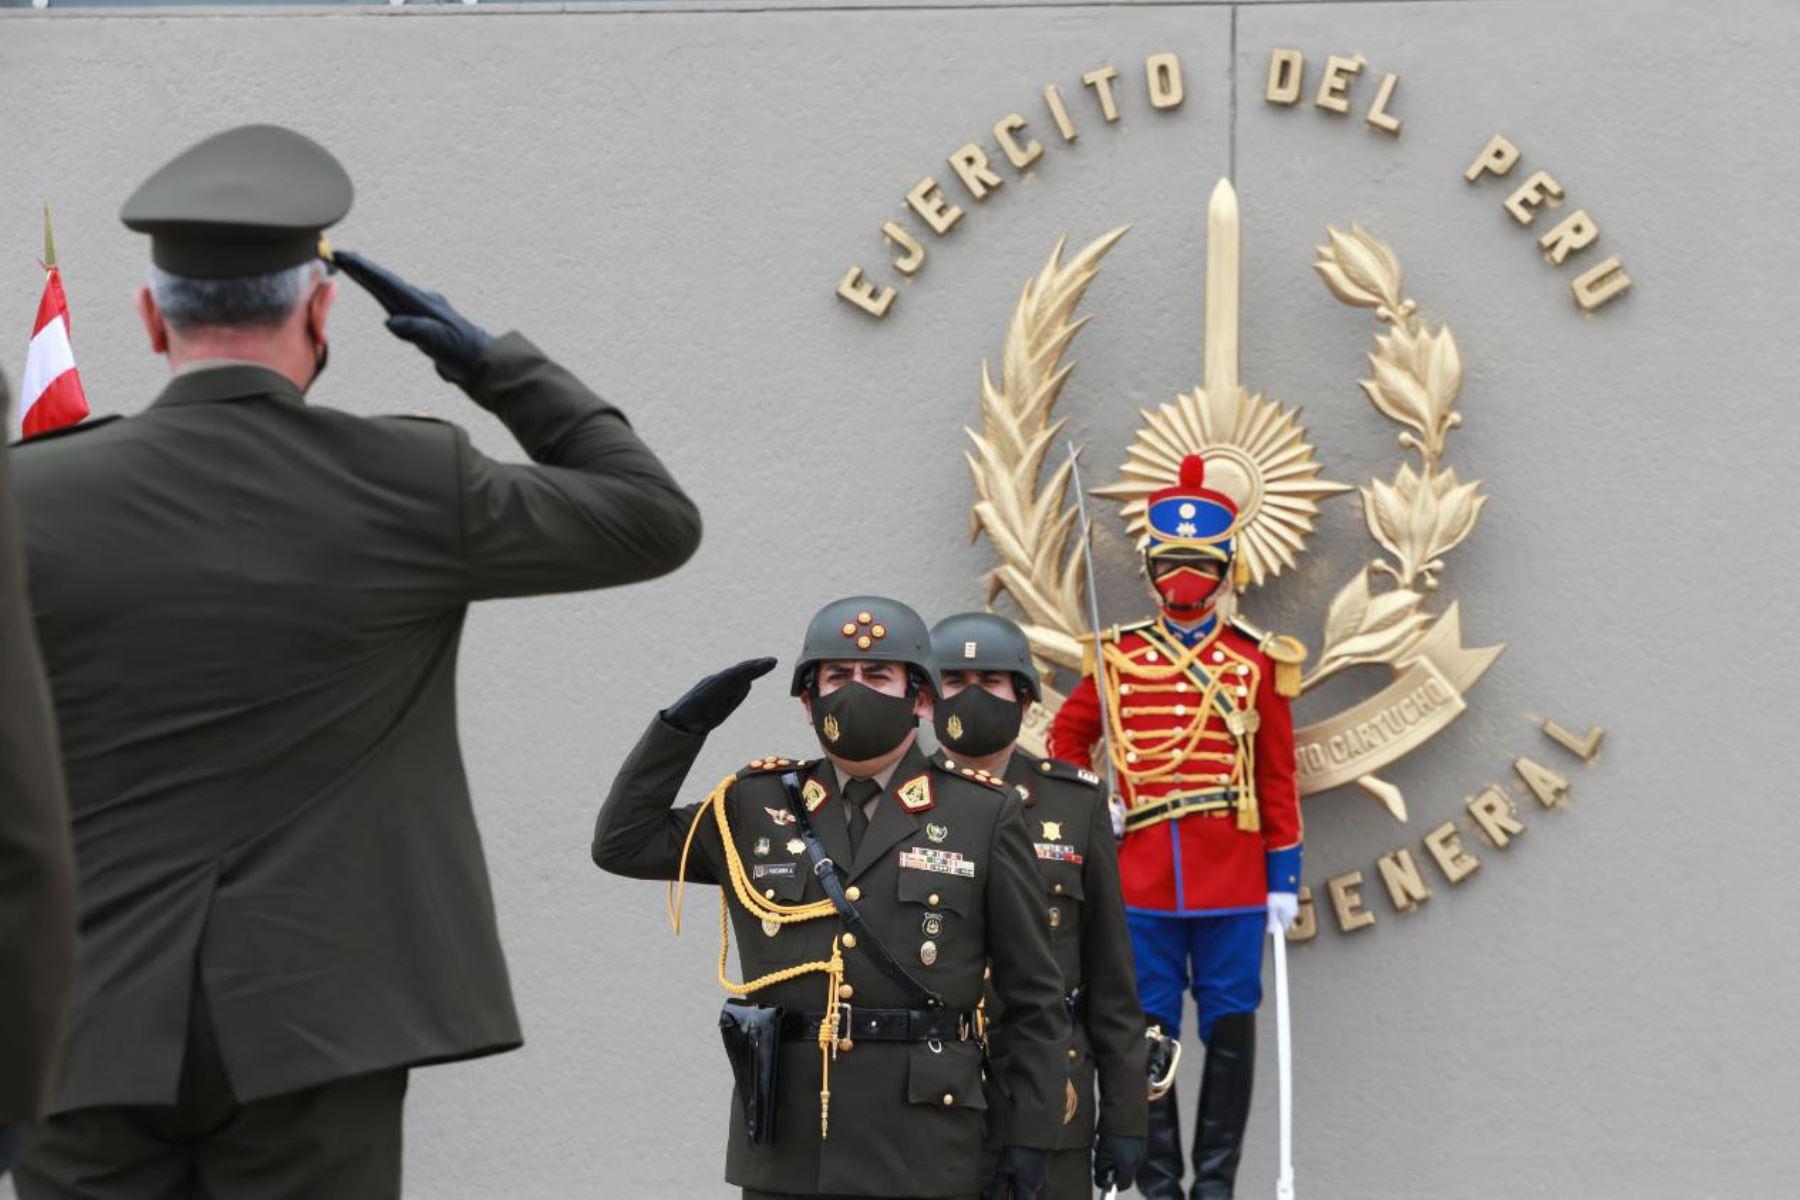 El general José Alberto Vizcarra Álvarez fue reconocido como Comandante General del Ejercito del Perú. La ceremonia se realizó en el Cuartel General del Ejército y fue encabezada por el ministro de Defensa, Walter Ayala. Foto: Mindef